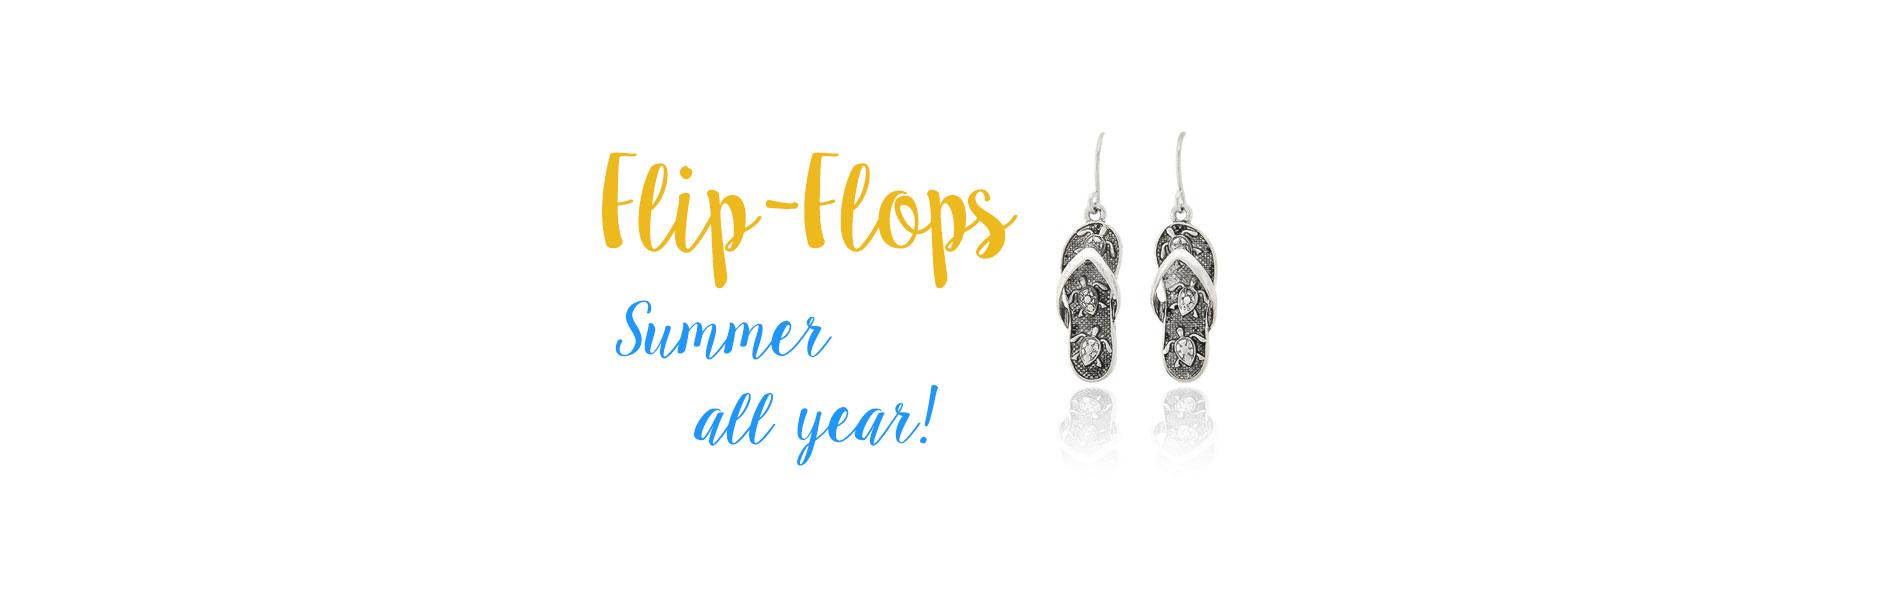 Flip-flop jewelry